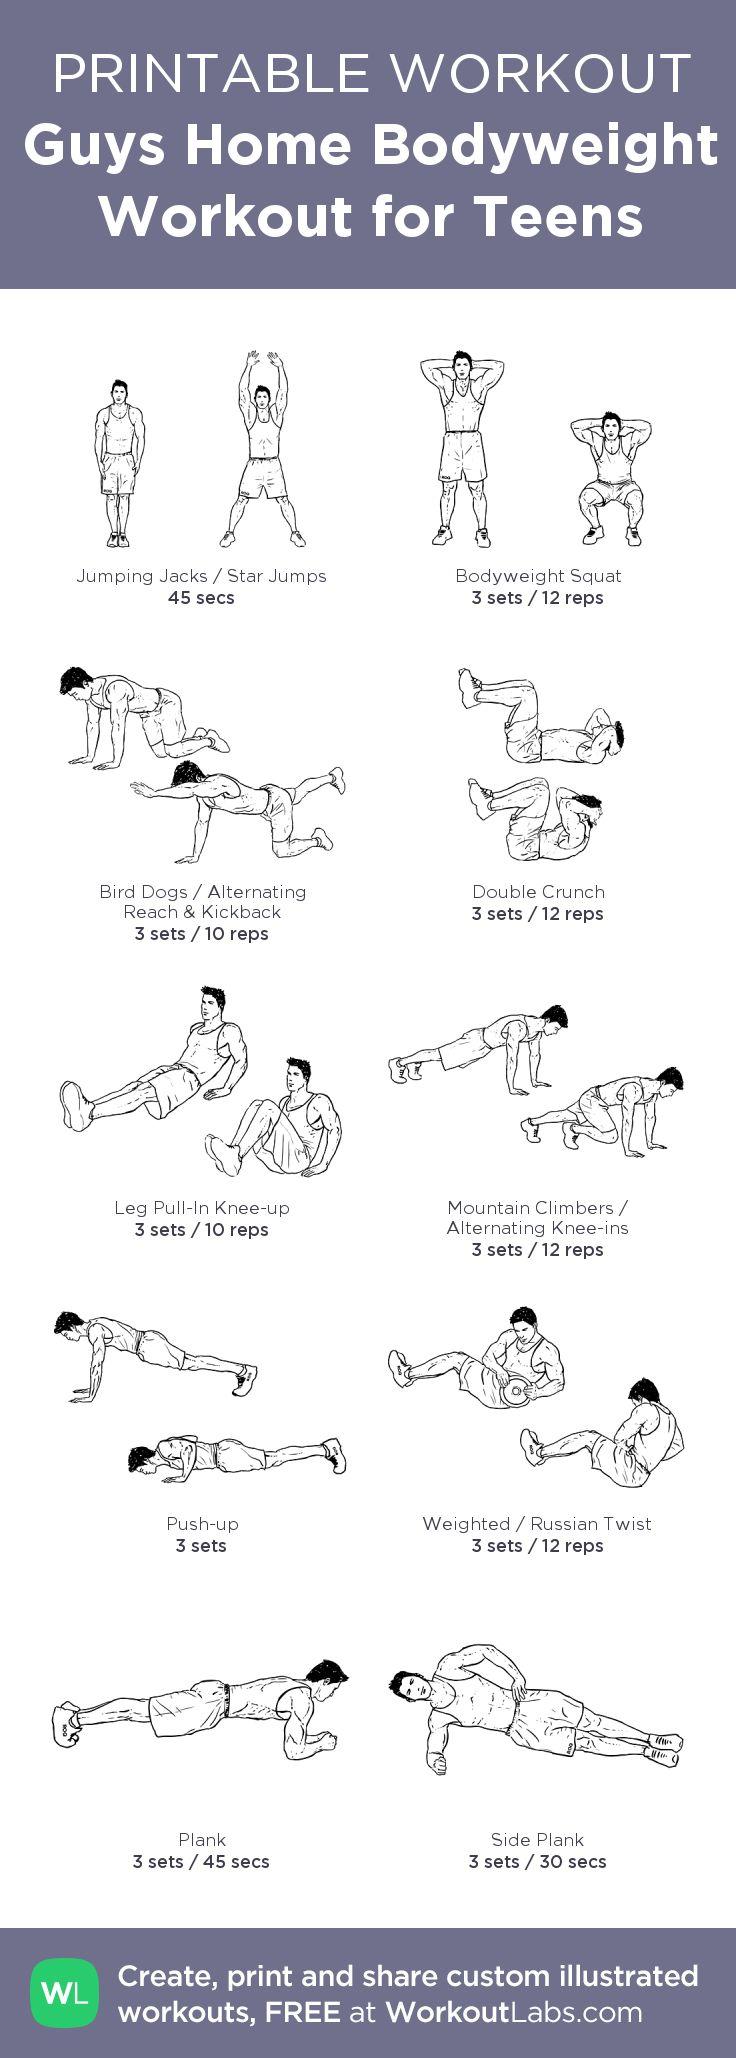 12 week bodyweight workout plan pdf